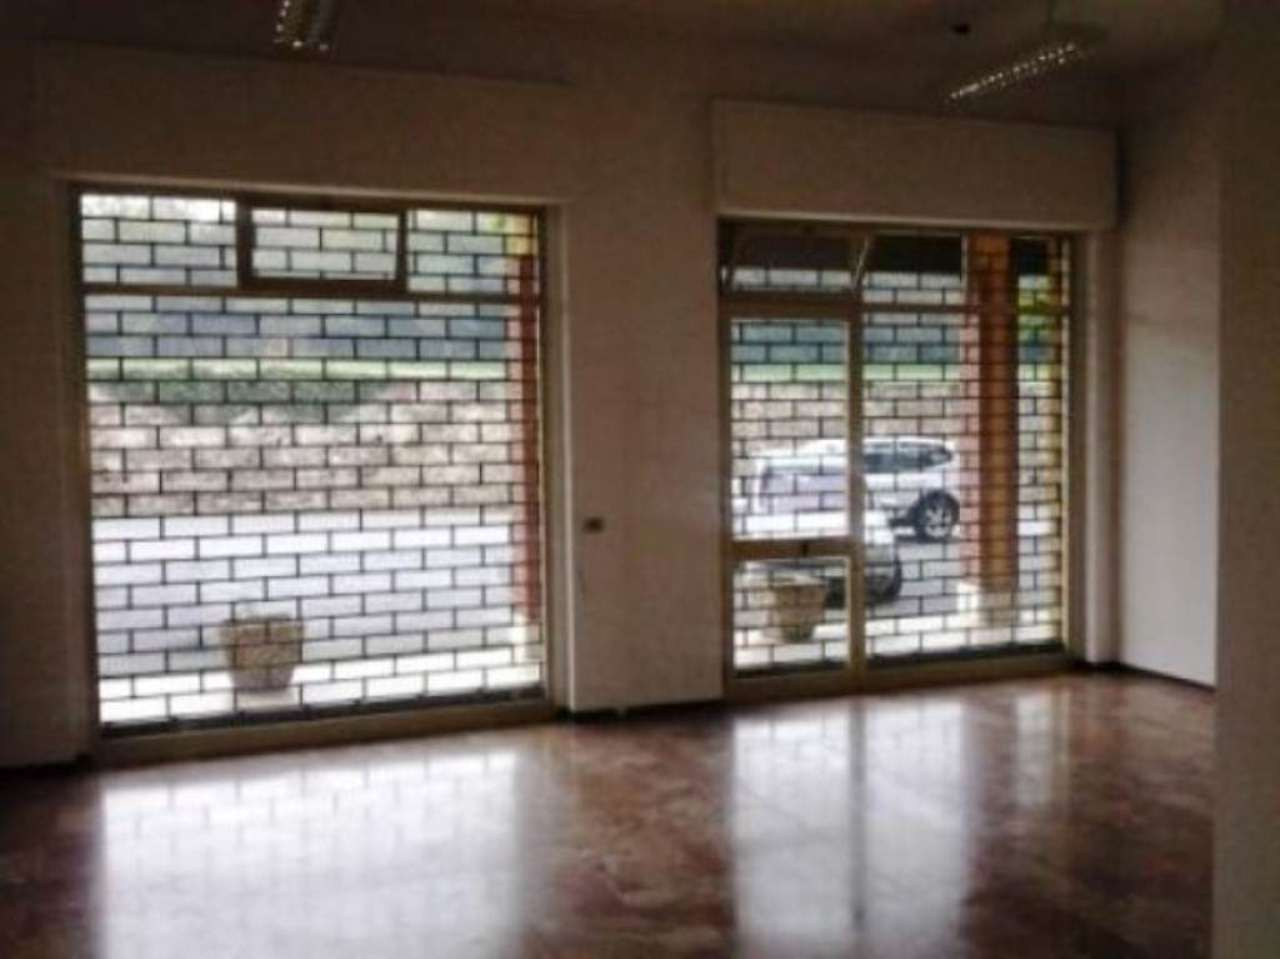 Negozio / Locale in vendita a Villarbasse, 4 locali, prezzo € 230.000 | Cambio Casa.it